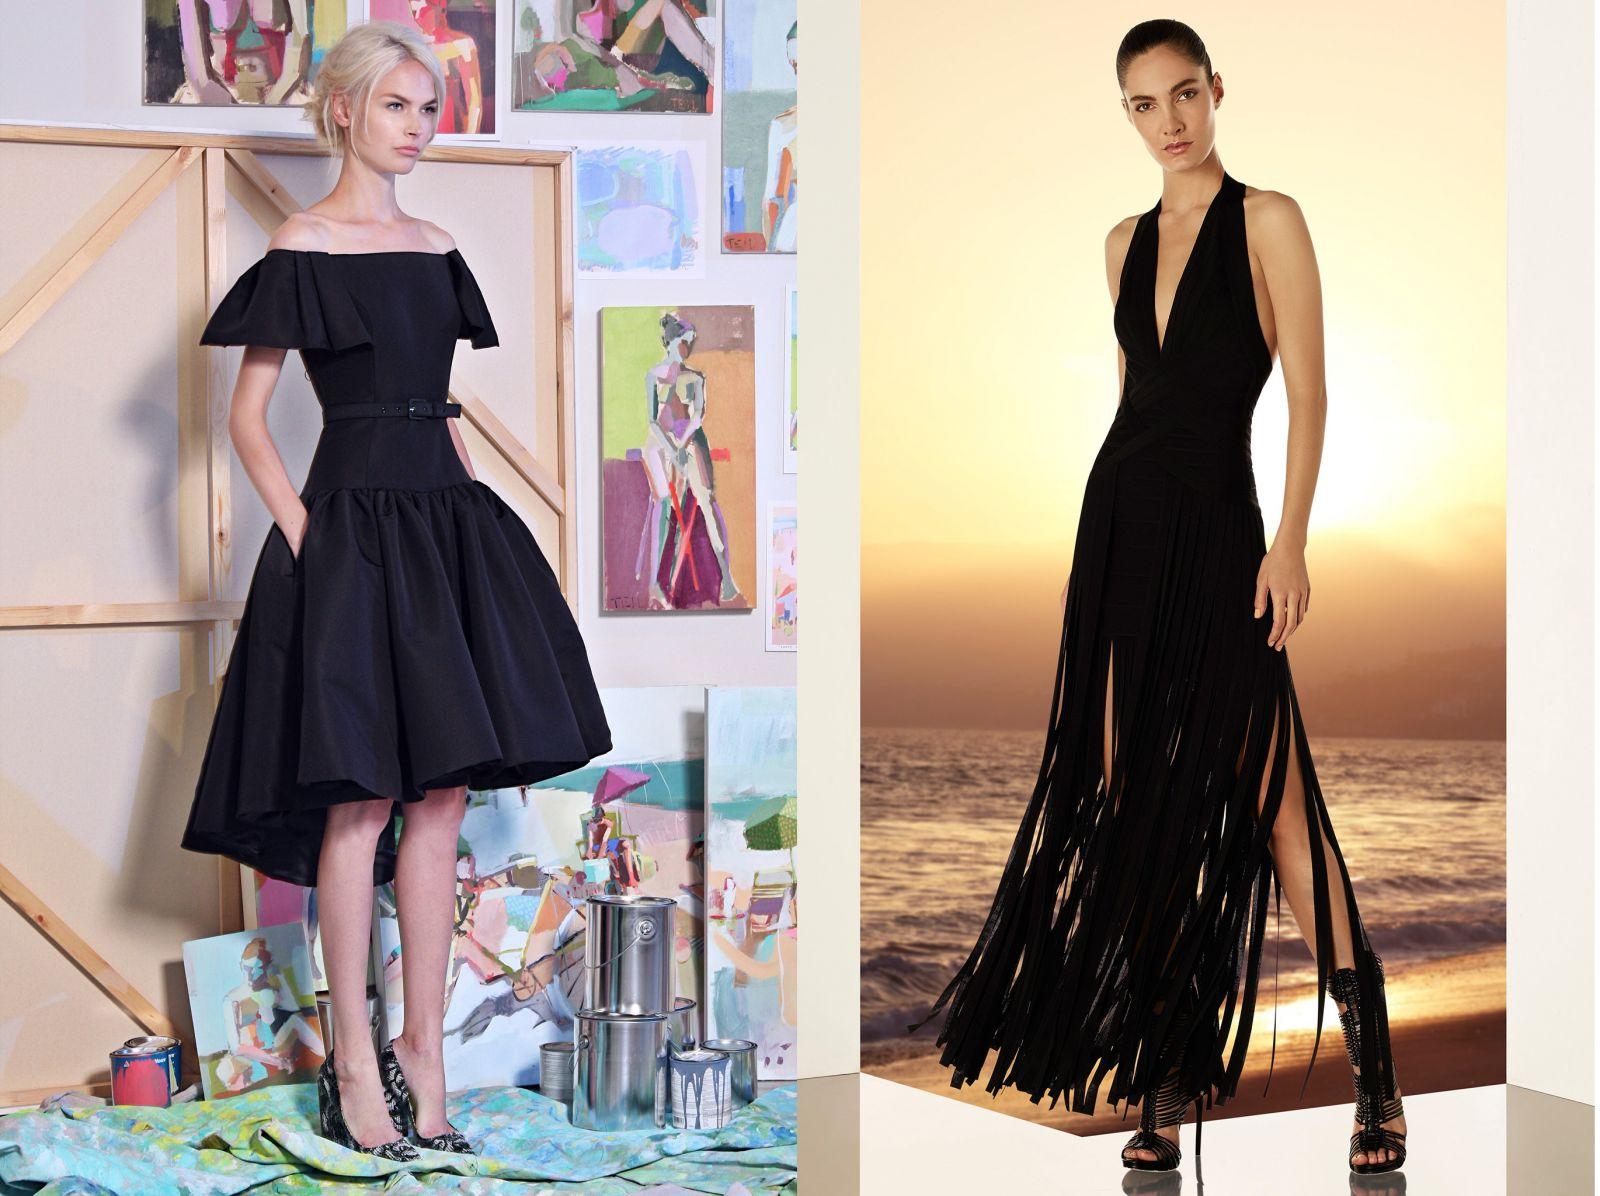 Что надеть на новый год: платья из коллекций Resort 2015 - фото №2